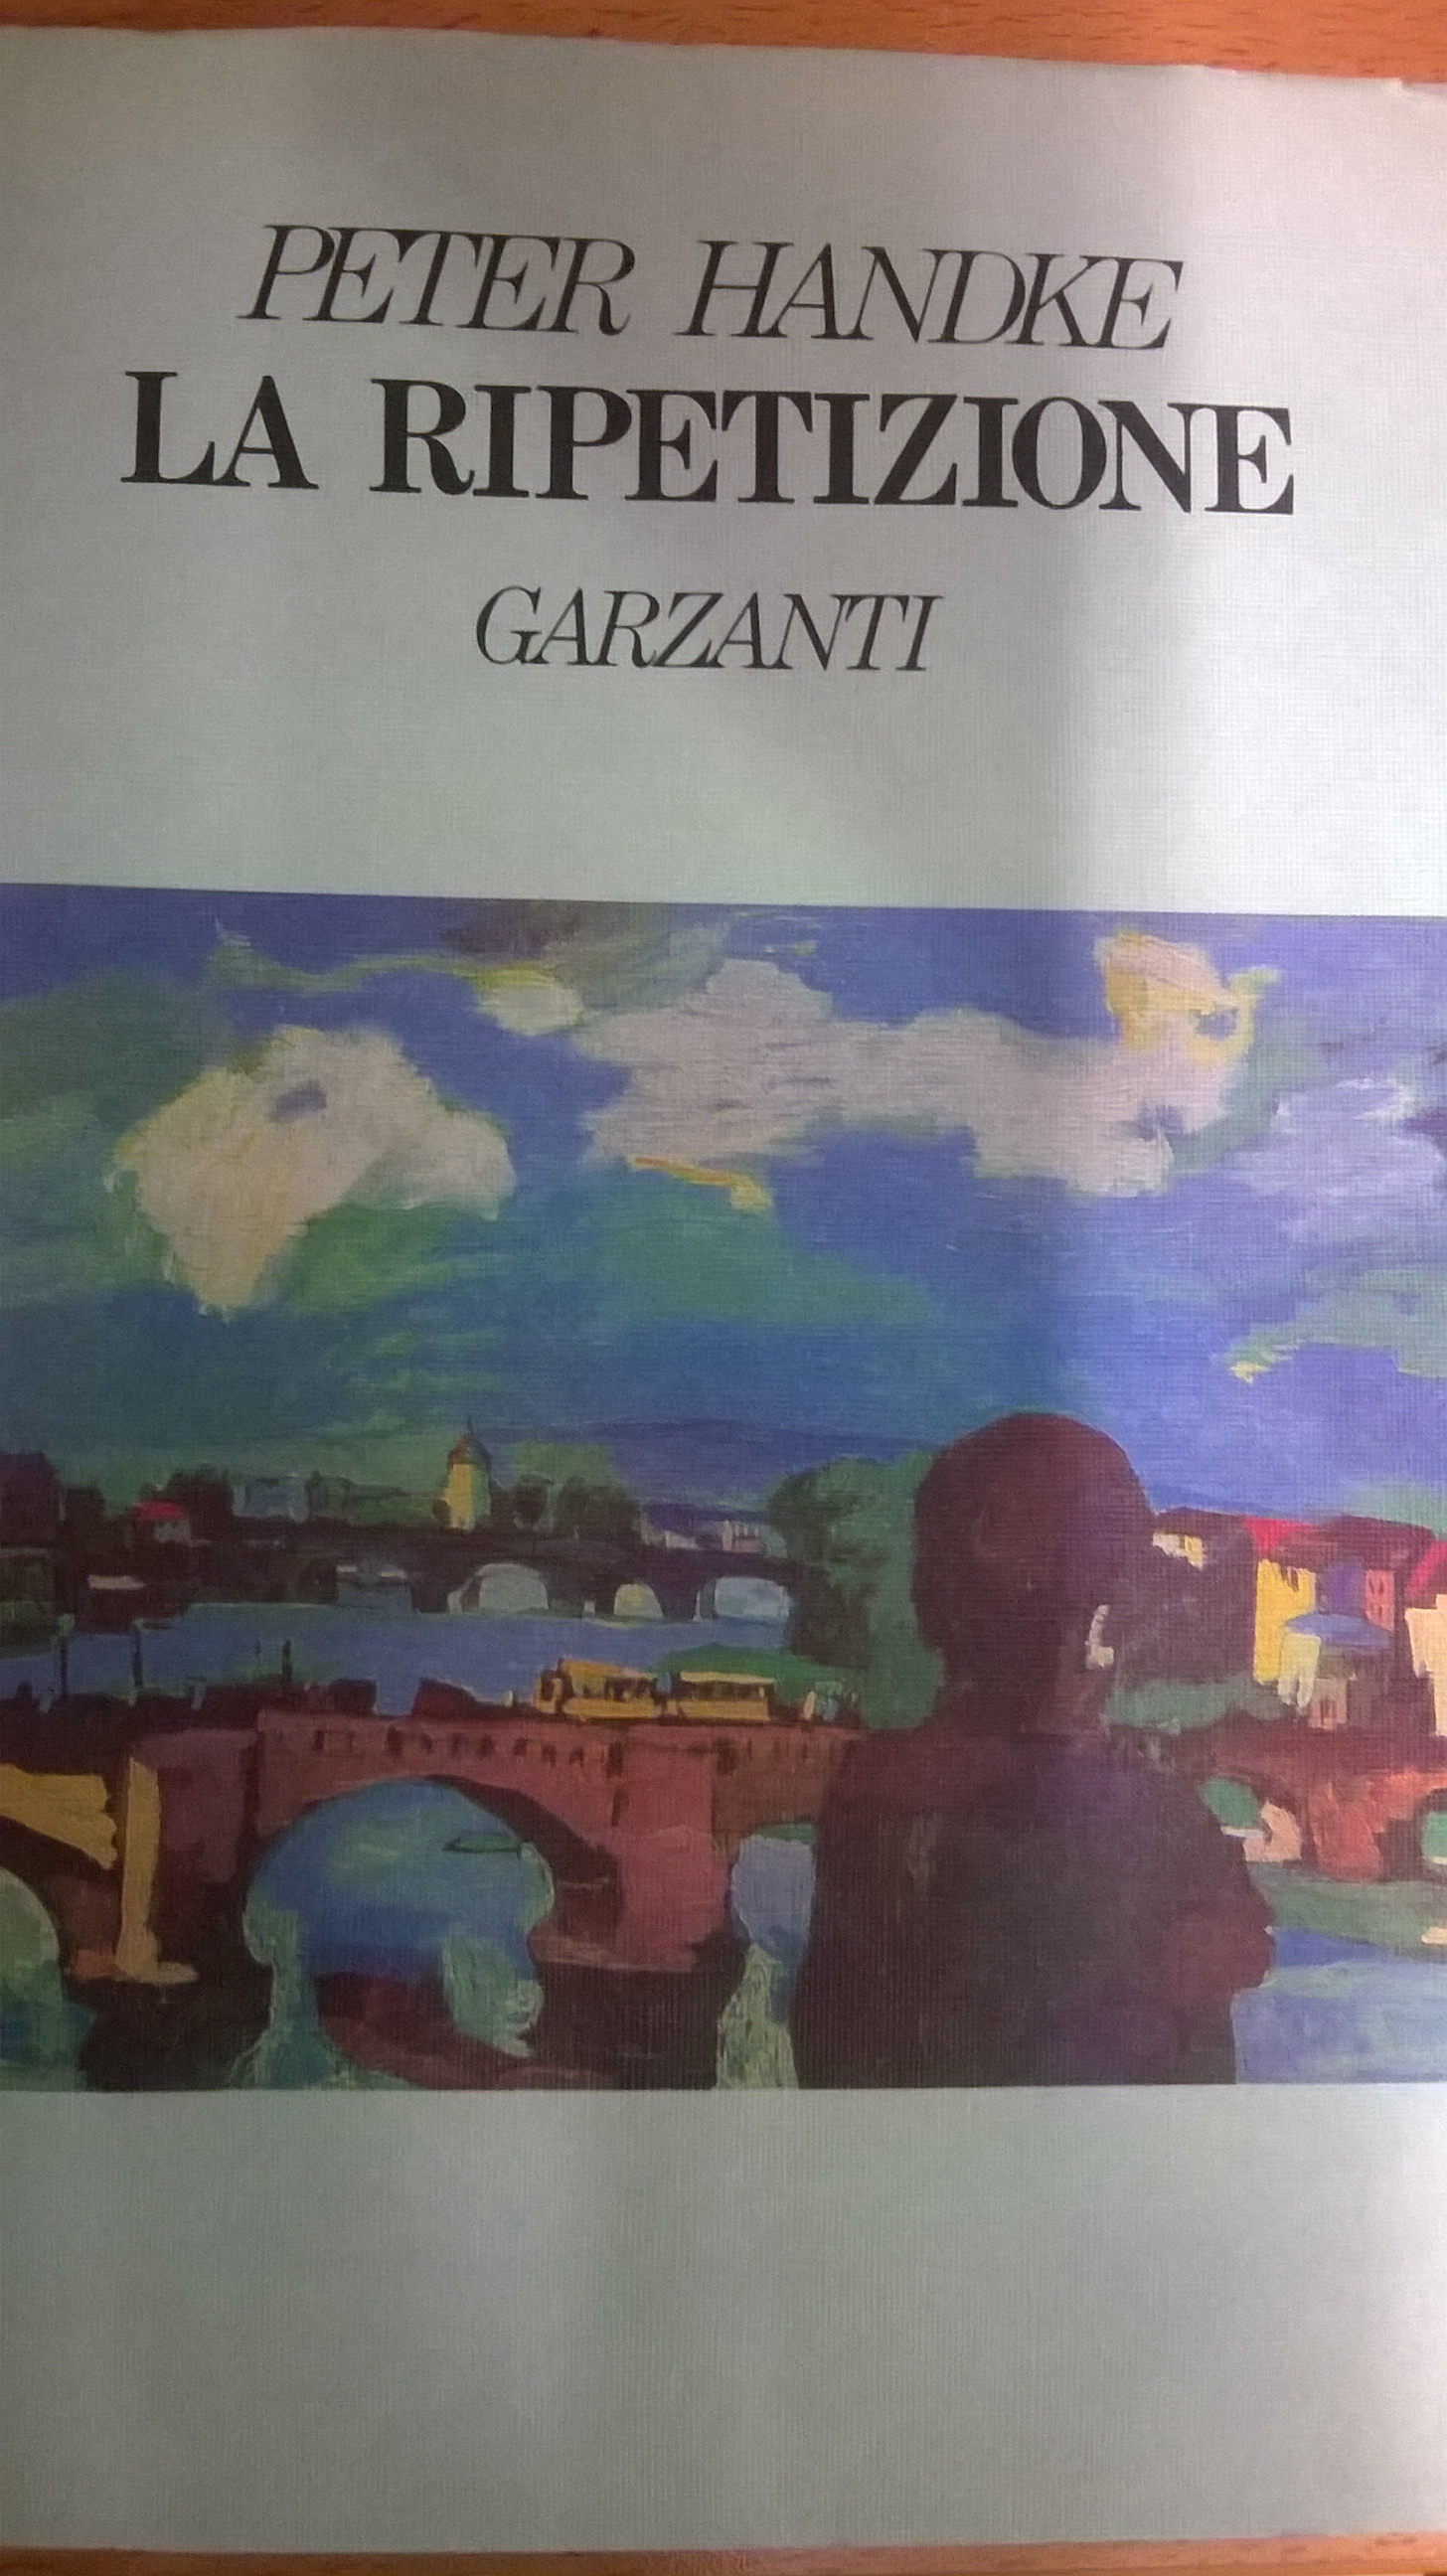 Peter Handke, La ripetizione, Garzanti